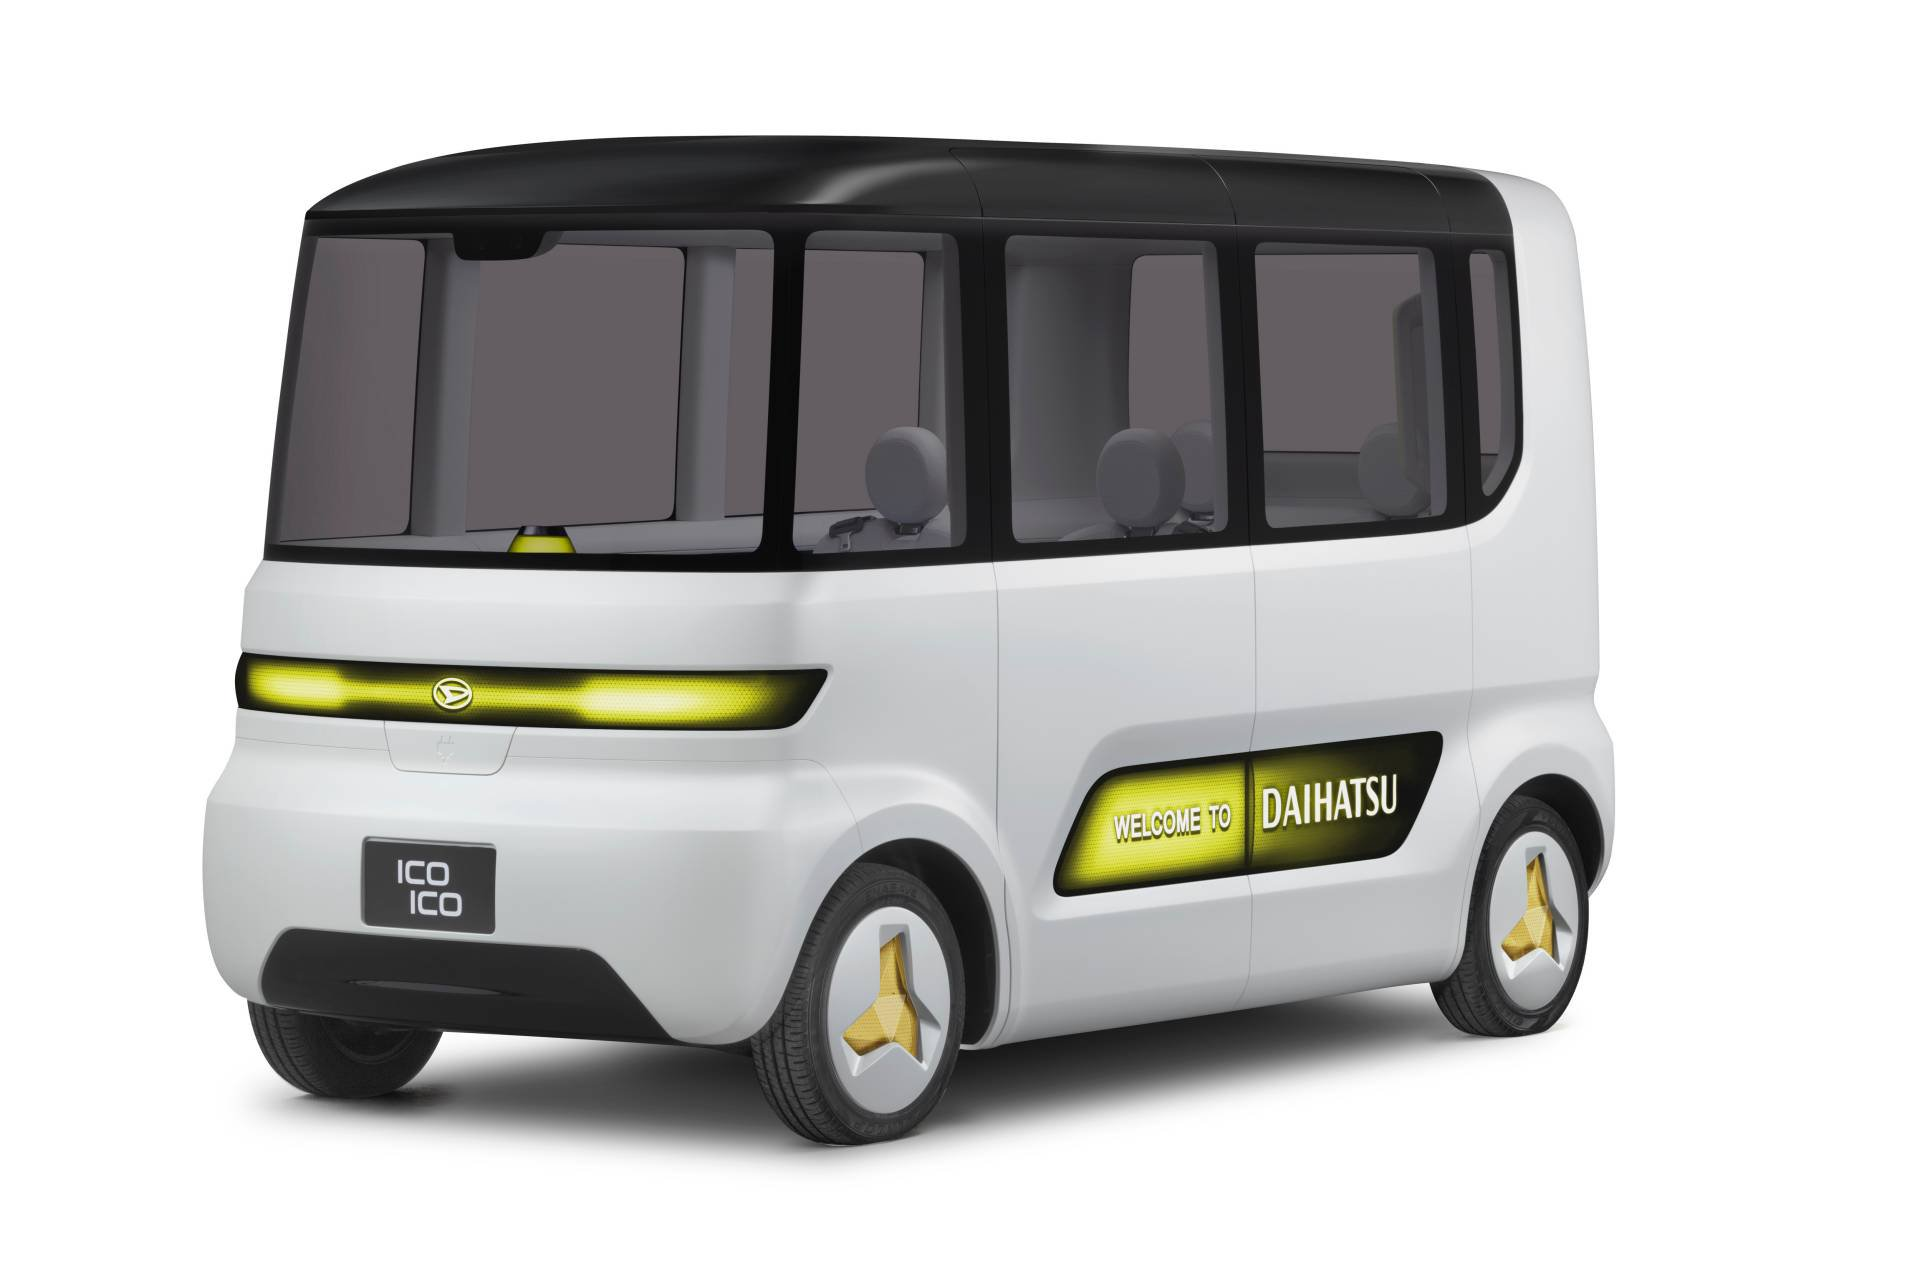 دايهاتسو تكشف عن سيارة اختبارية لتنافس سوزوكي جيمني